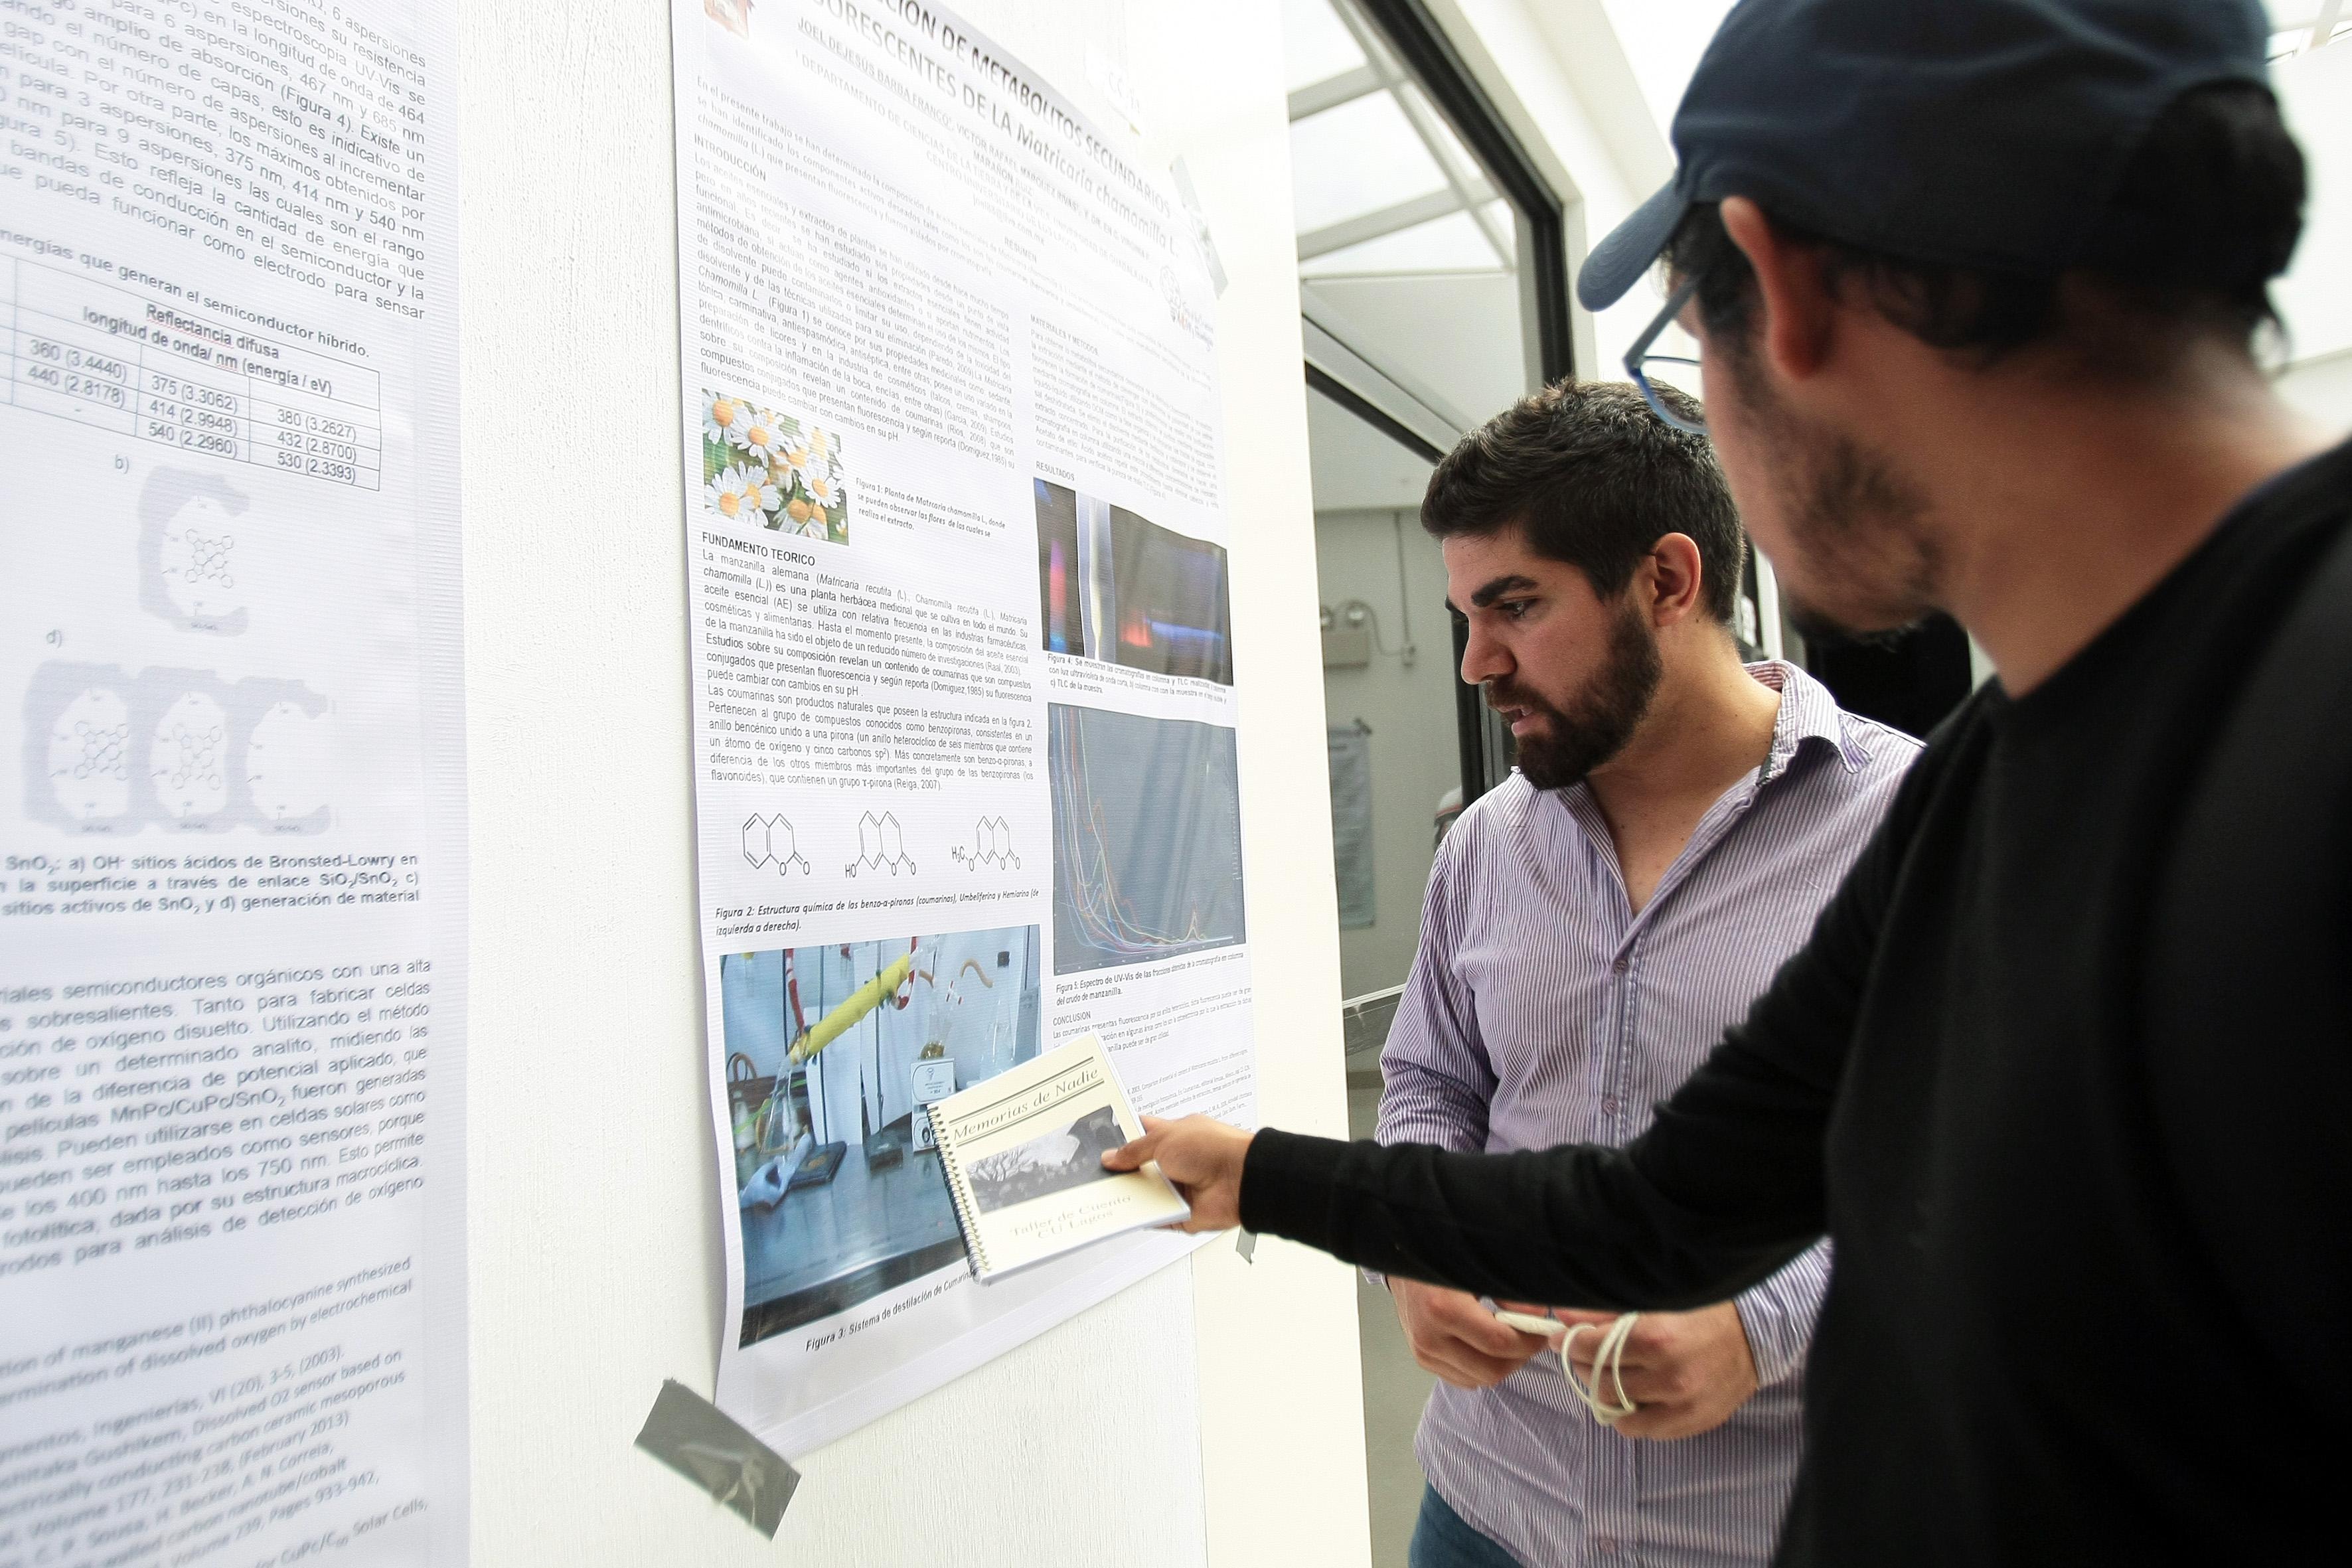 Estudiantes de CULagos, observando los resultados de una investigación científica en el área de Química, expuesta durante la XVII Feria de la Ciencia, en el entro Universitario.